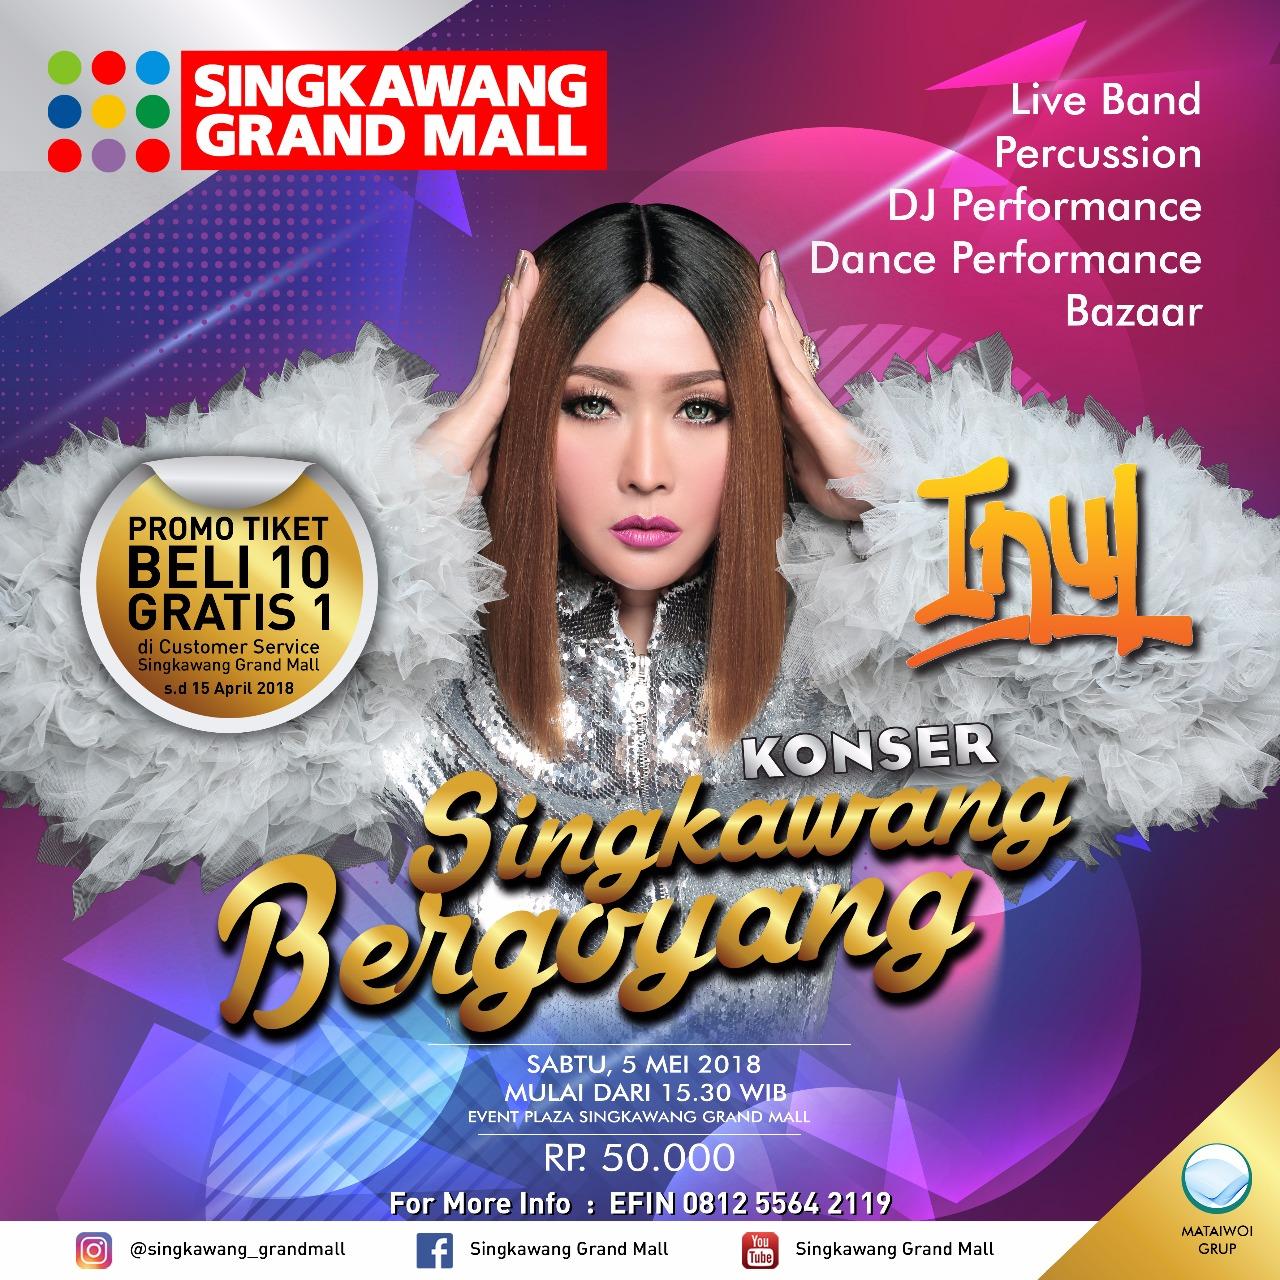 Singkawang Grand Mall Bergoyang